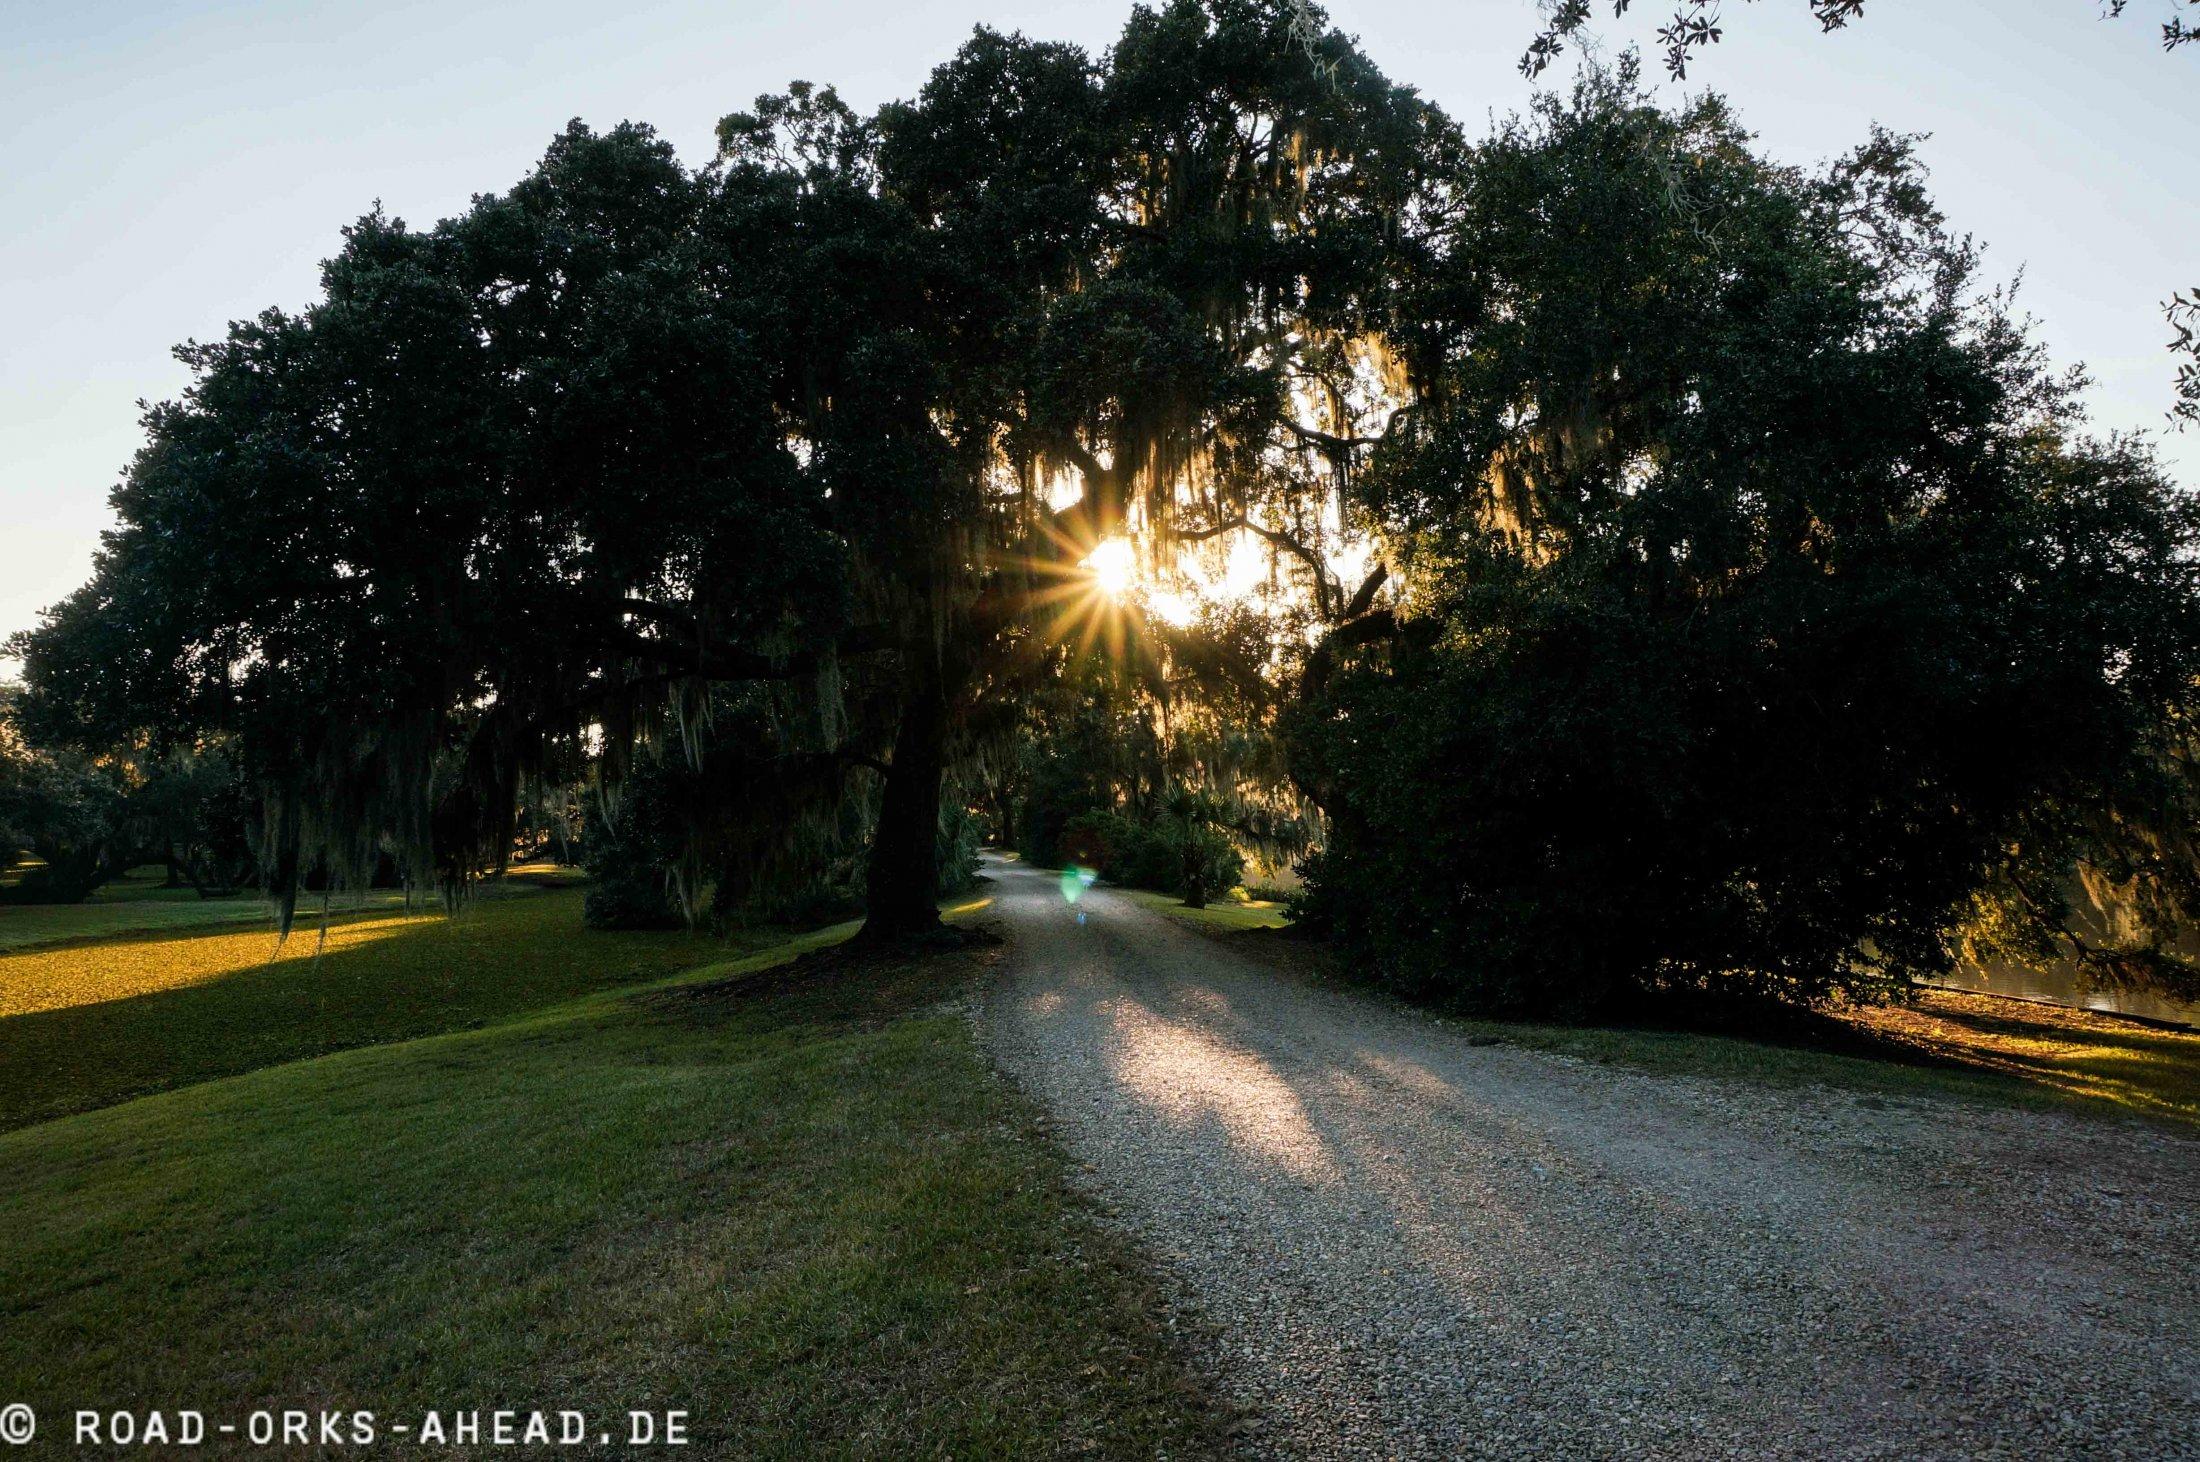 Sonnenuntergang in Louisiana